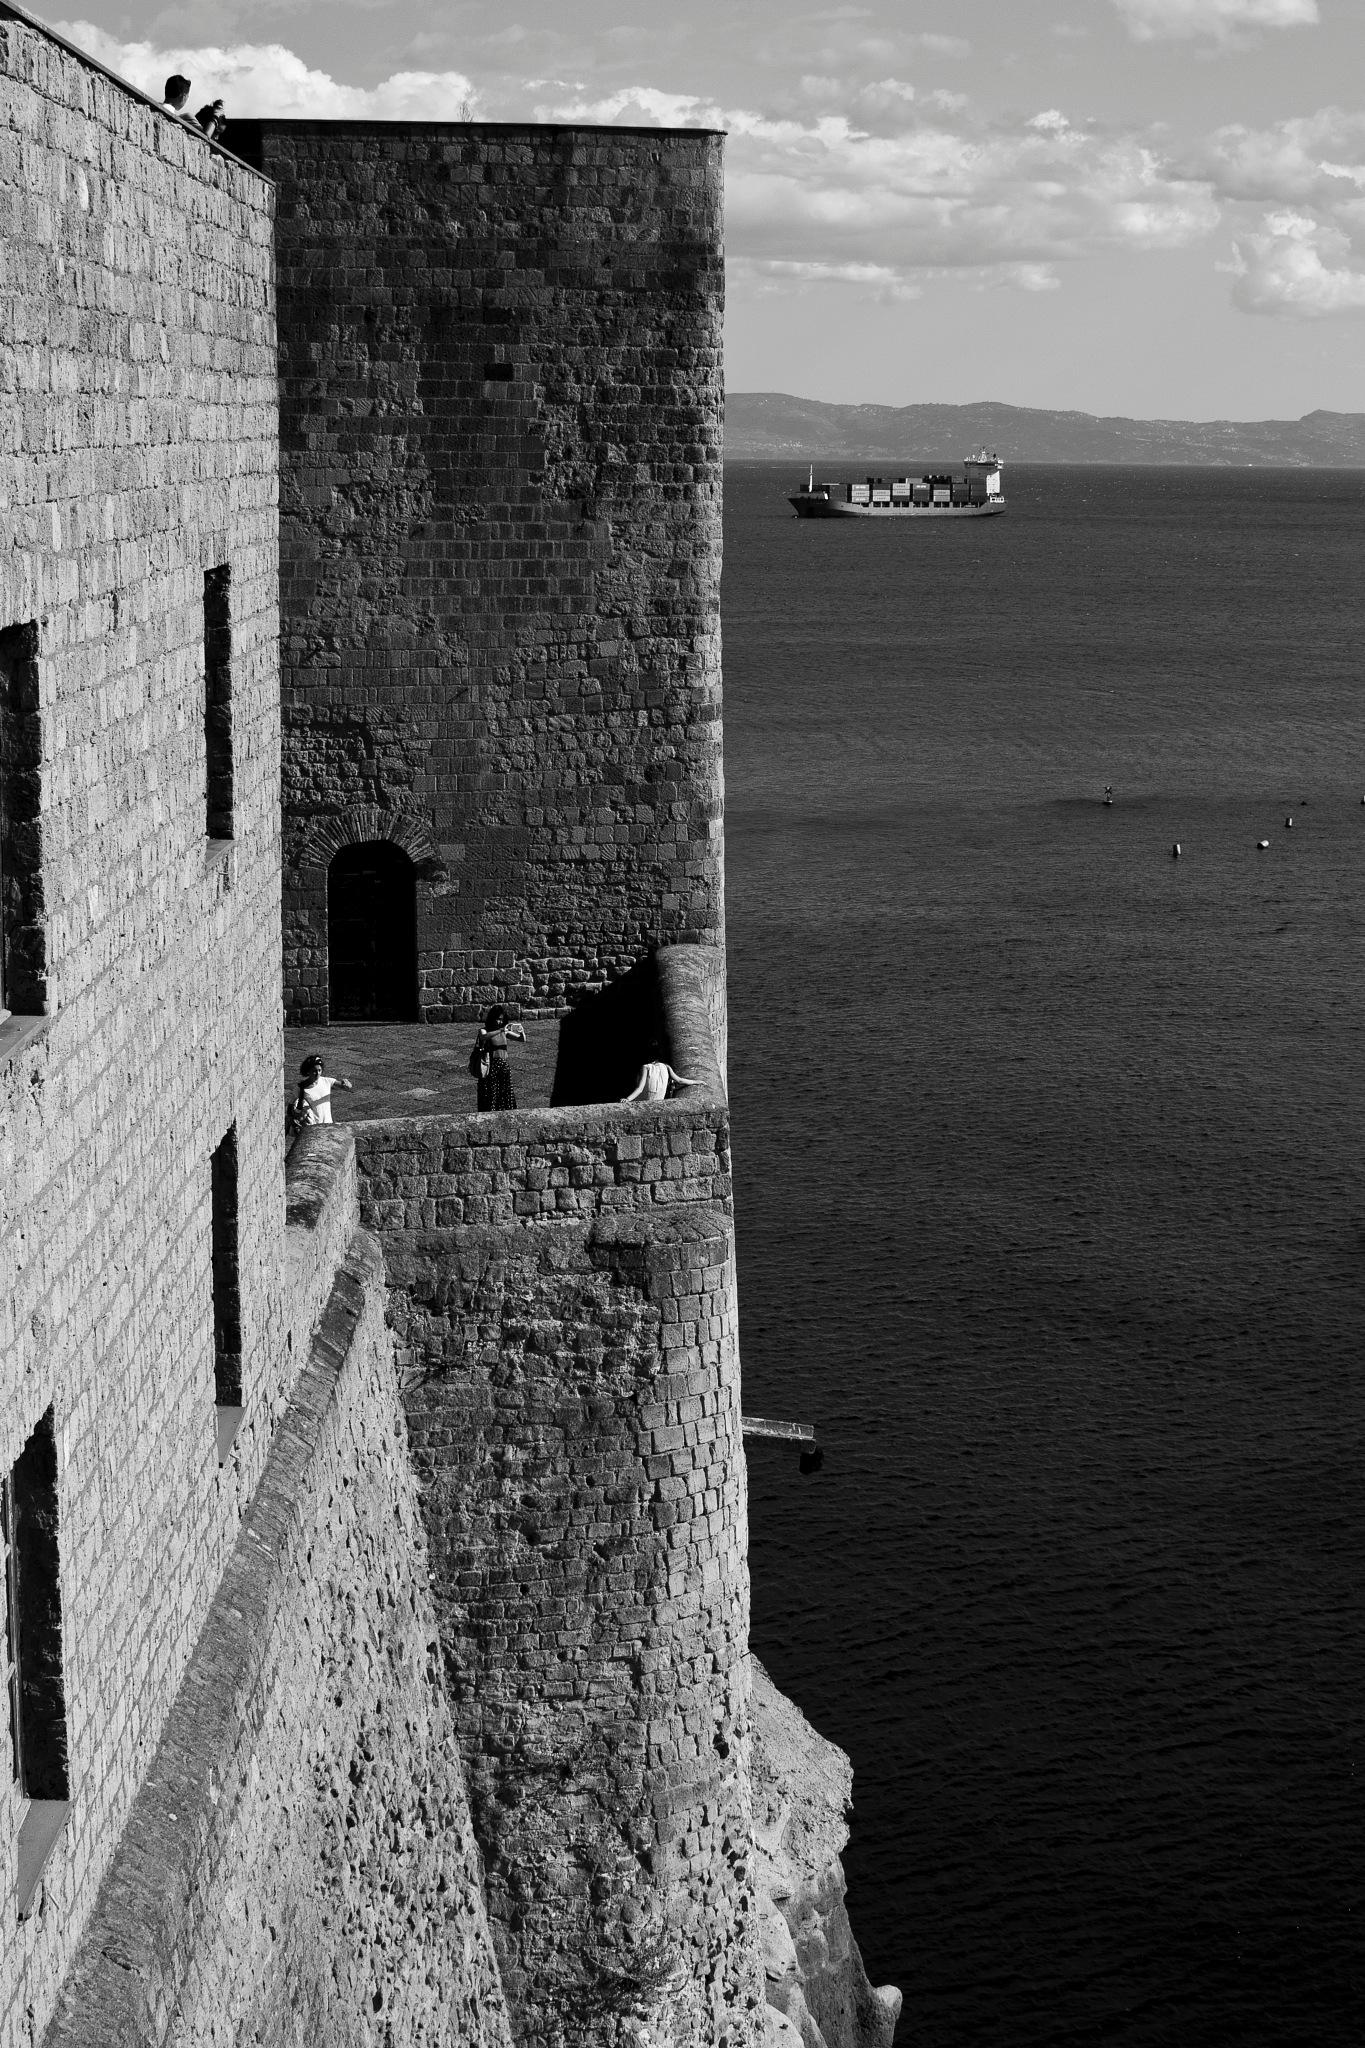 mura e nave by Carmine Santoro